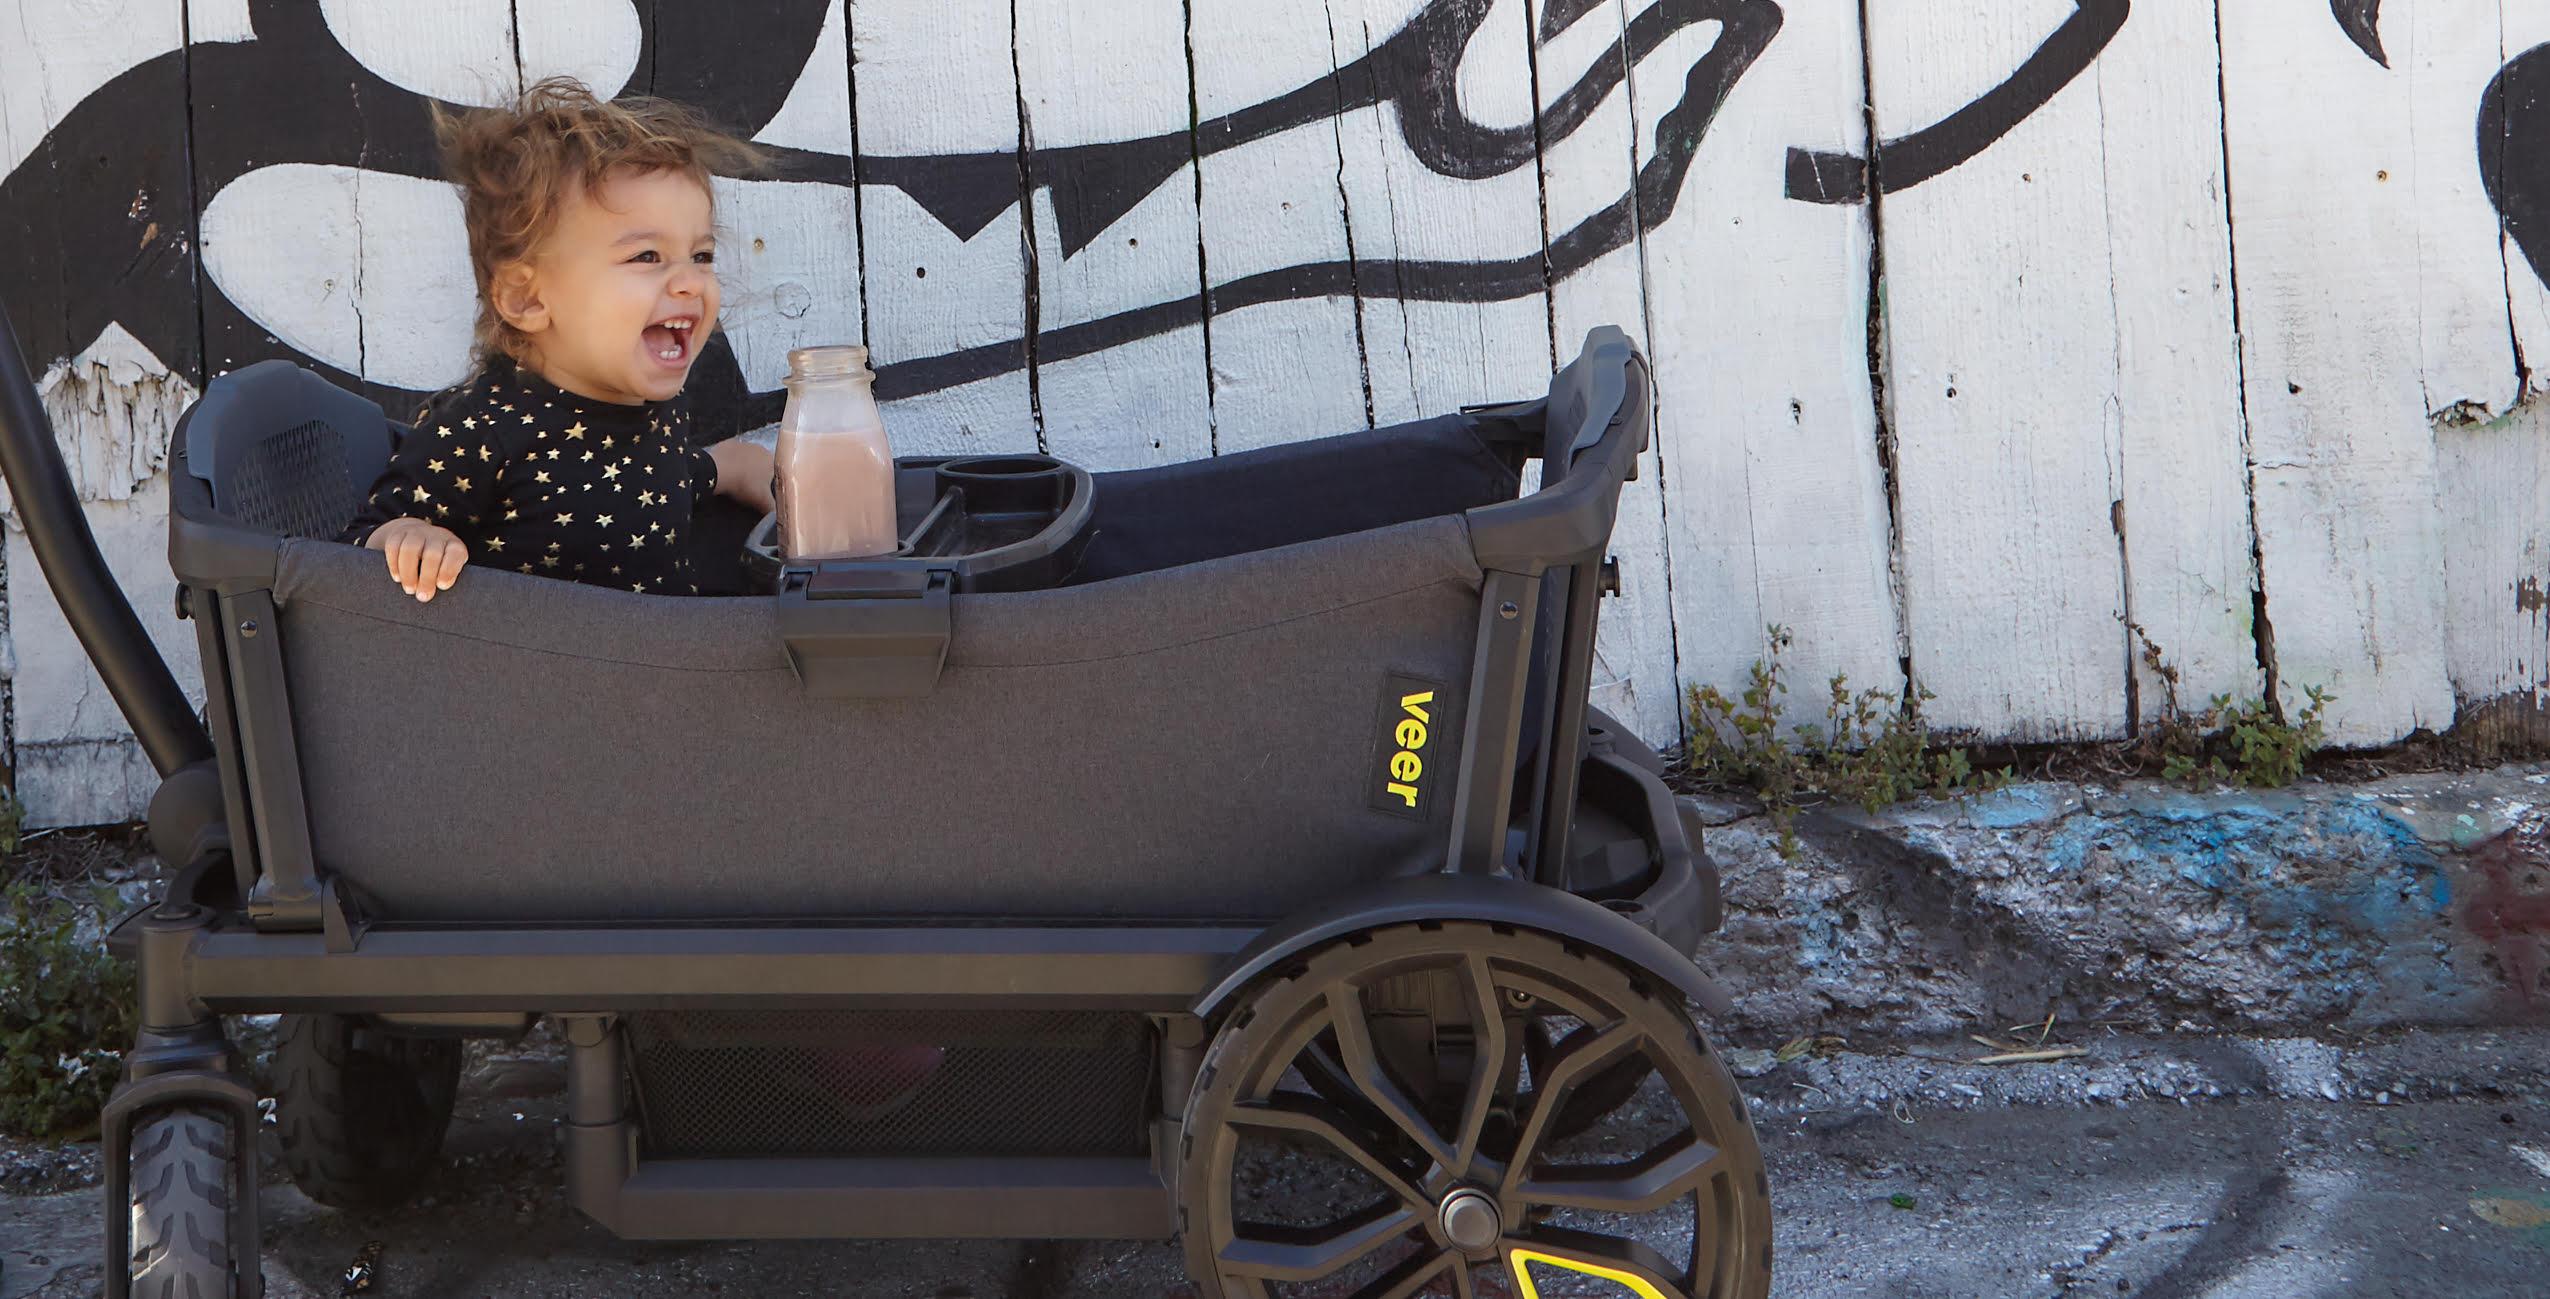 Stroller Wagon For Kids - Stroller